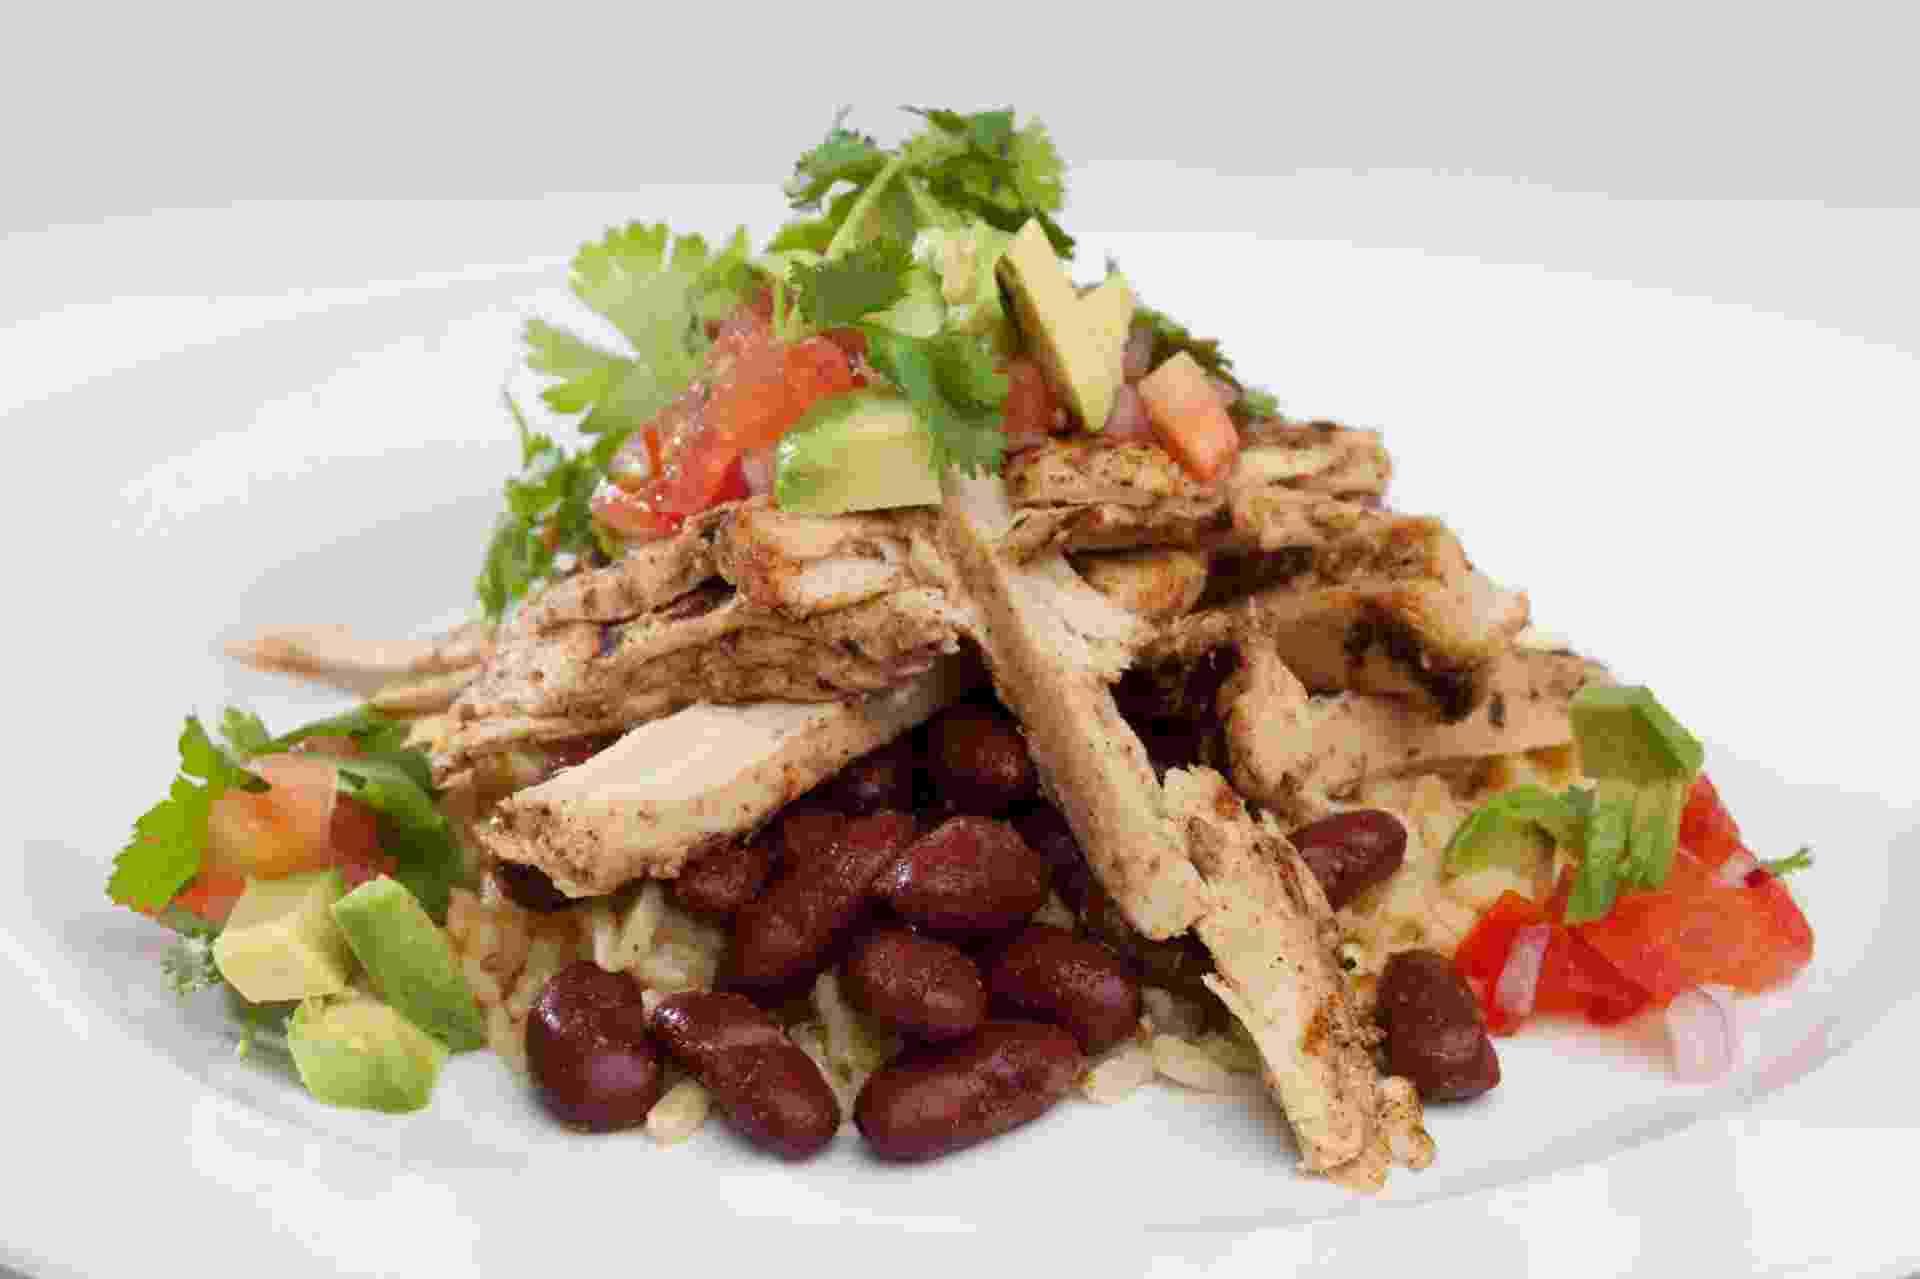 Feita com ervilha, soja, fibras de cenoura e óleo de canola, entre outros ingredientes, a carne vegetal de frango é uma criação da empresa Beyond Meat, dos Estados Unidos - Divulgação/Beyond Meat